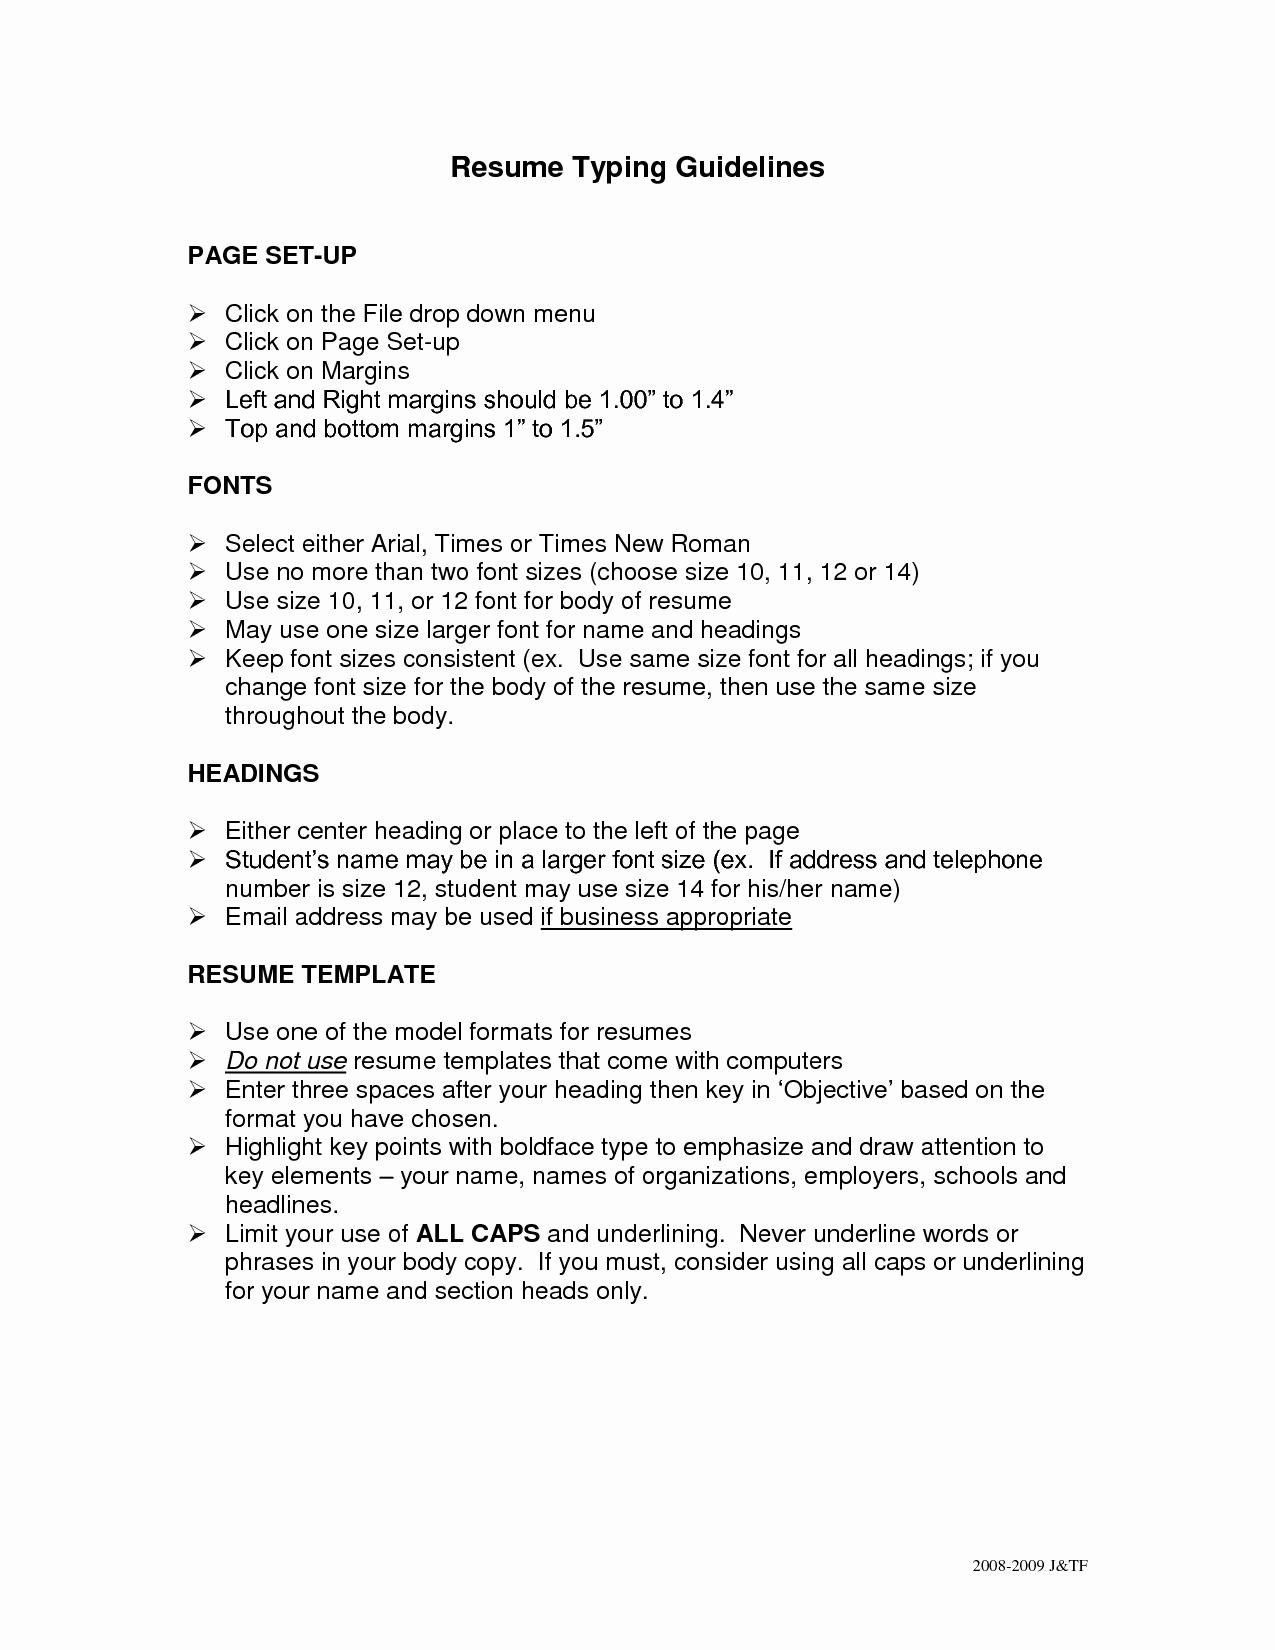 Resume Objective for A Career Fair Bongdaao